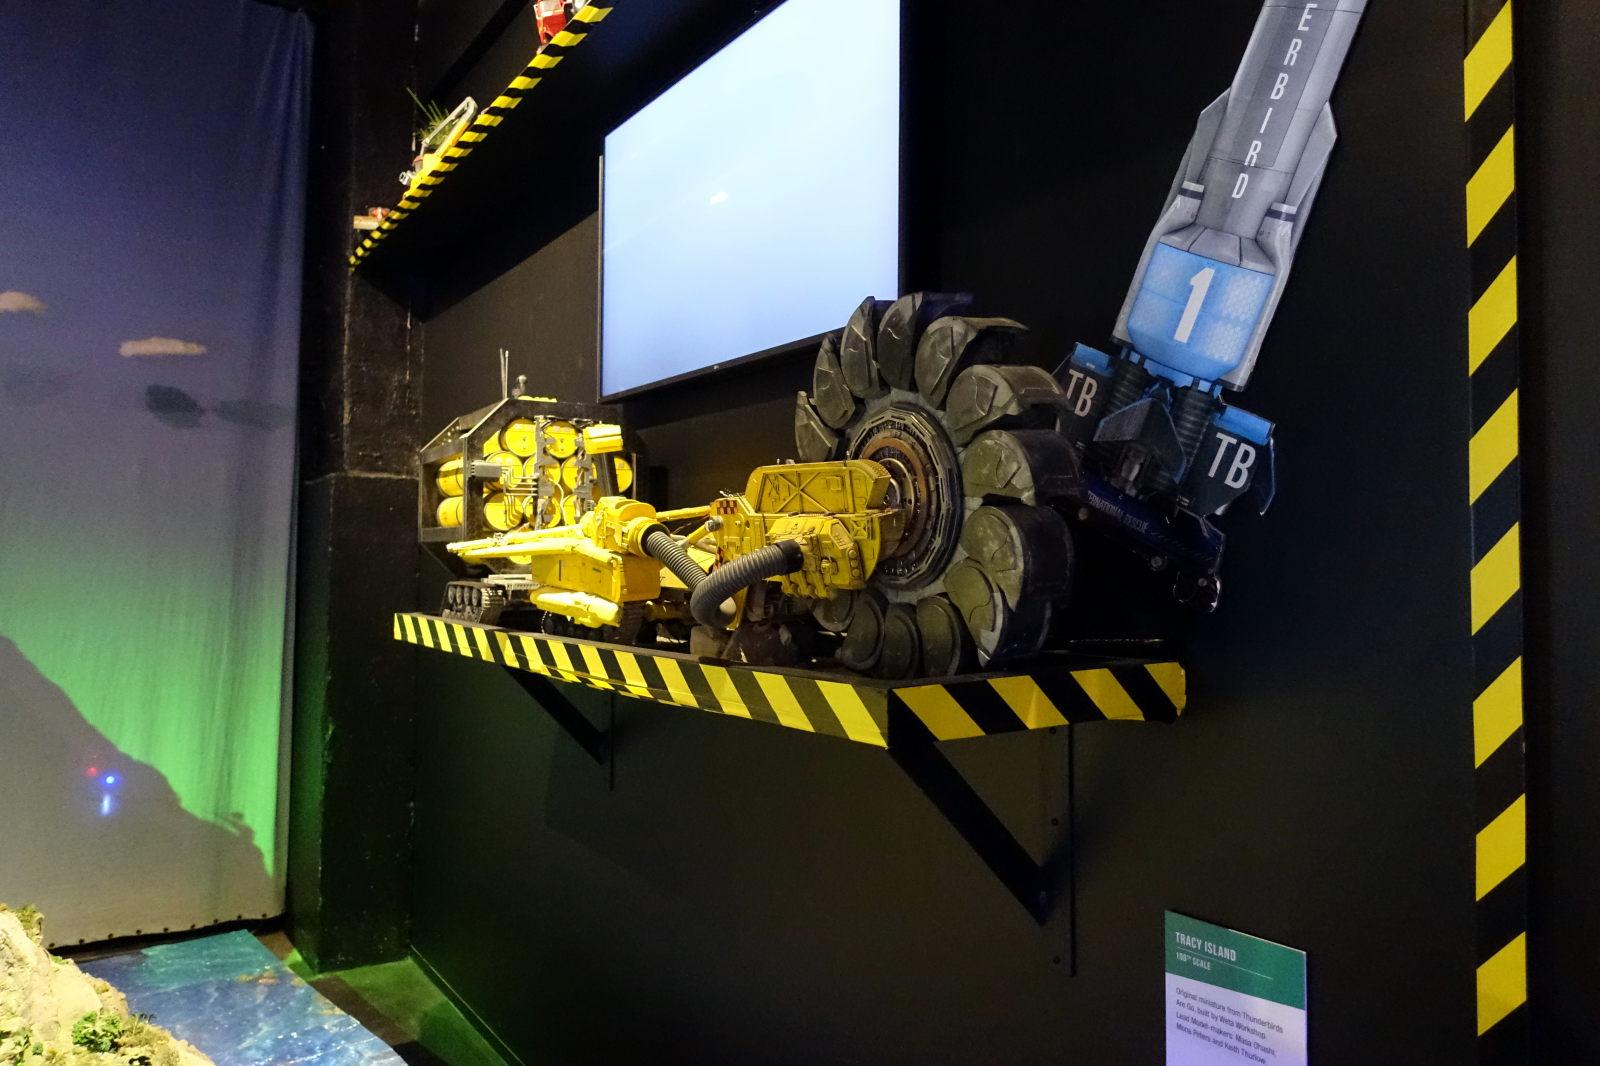 Model of an excavator